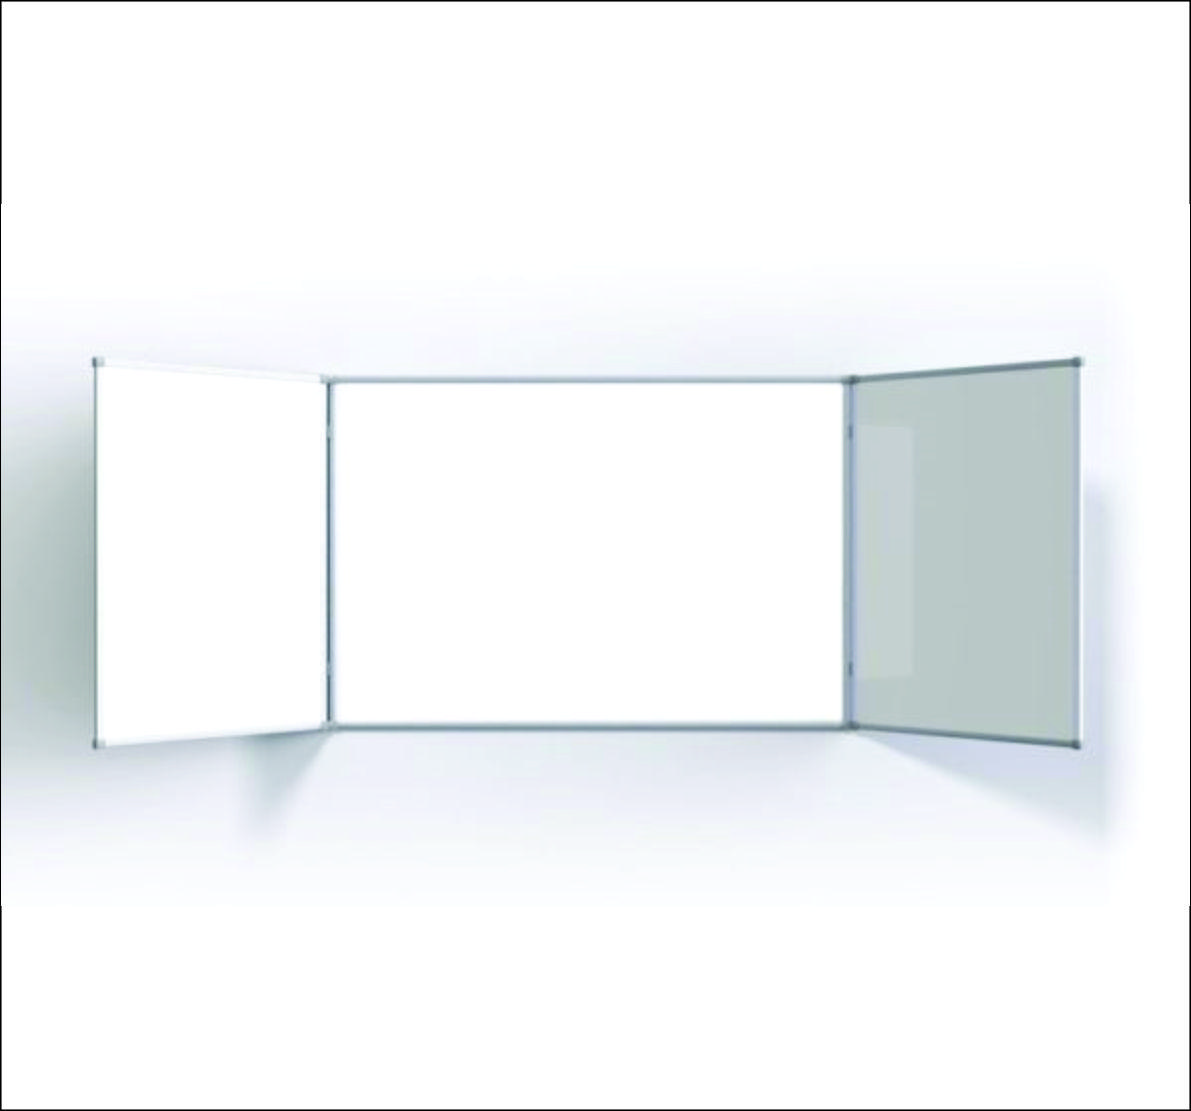 Алюминиевый каркас для размещения рекламы